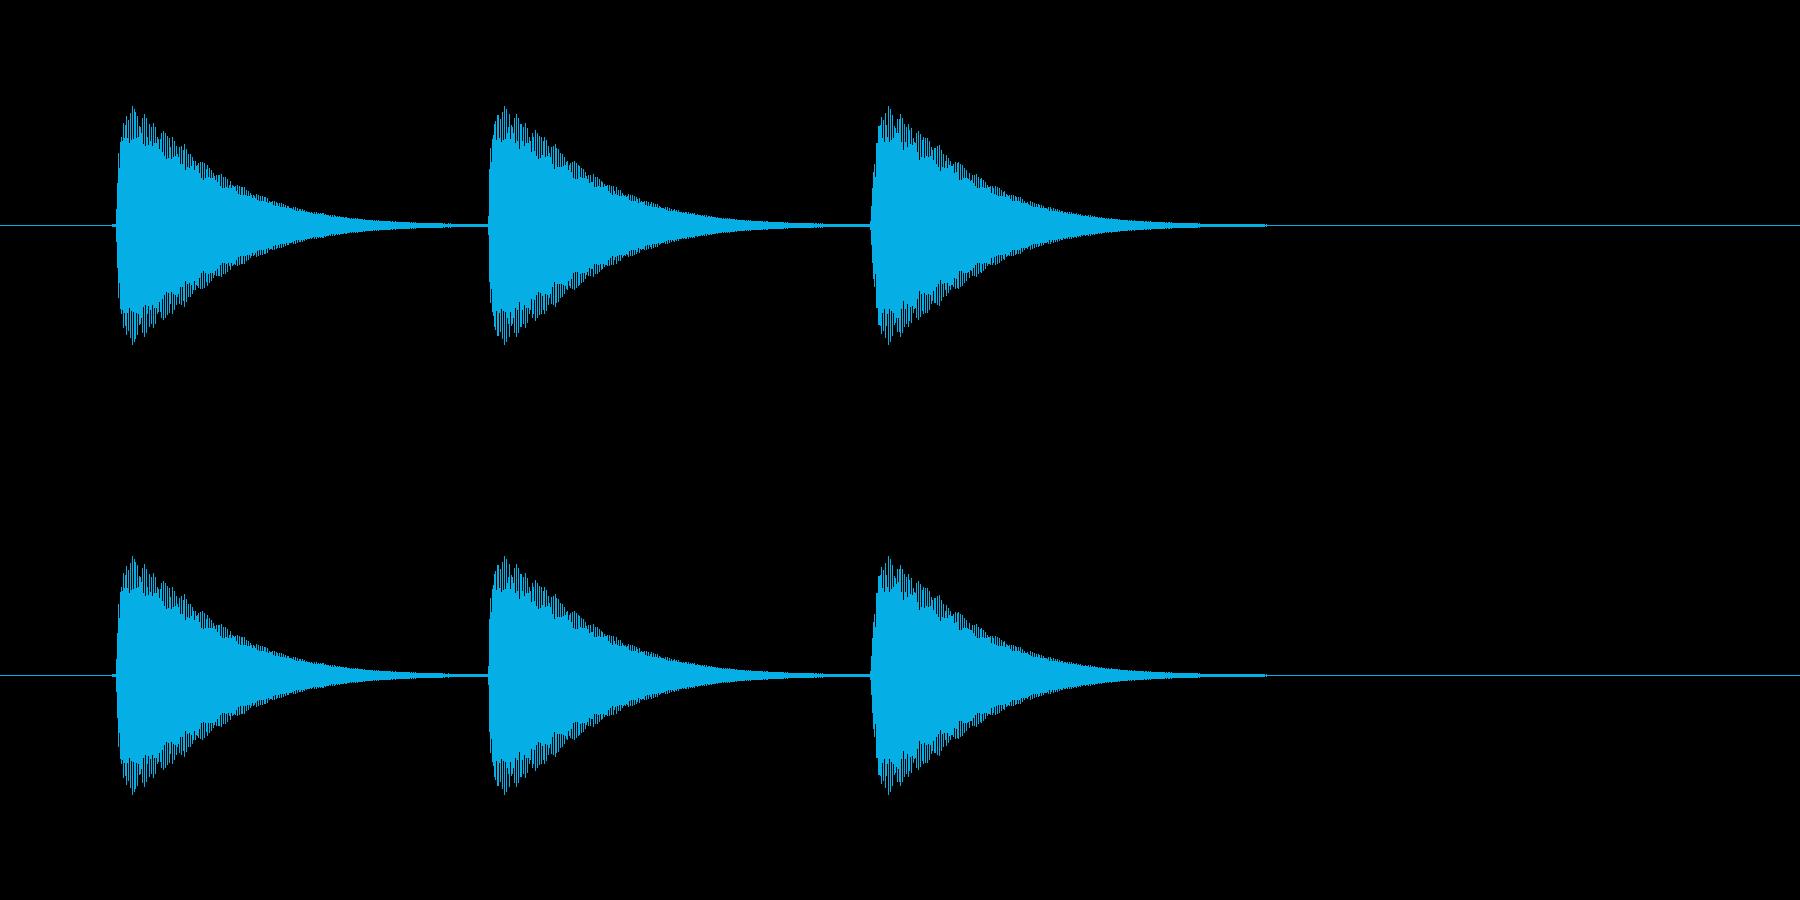 【ショートブリッジ13-4】の再生済みの波形